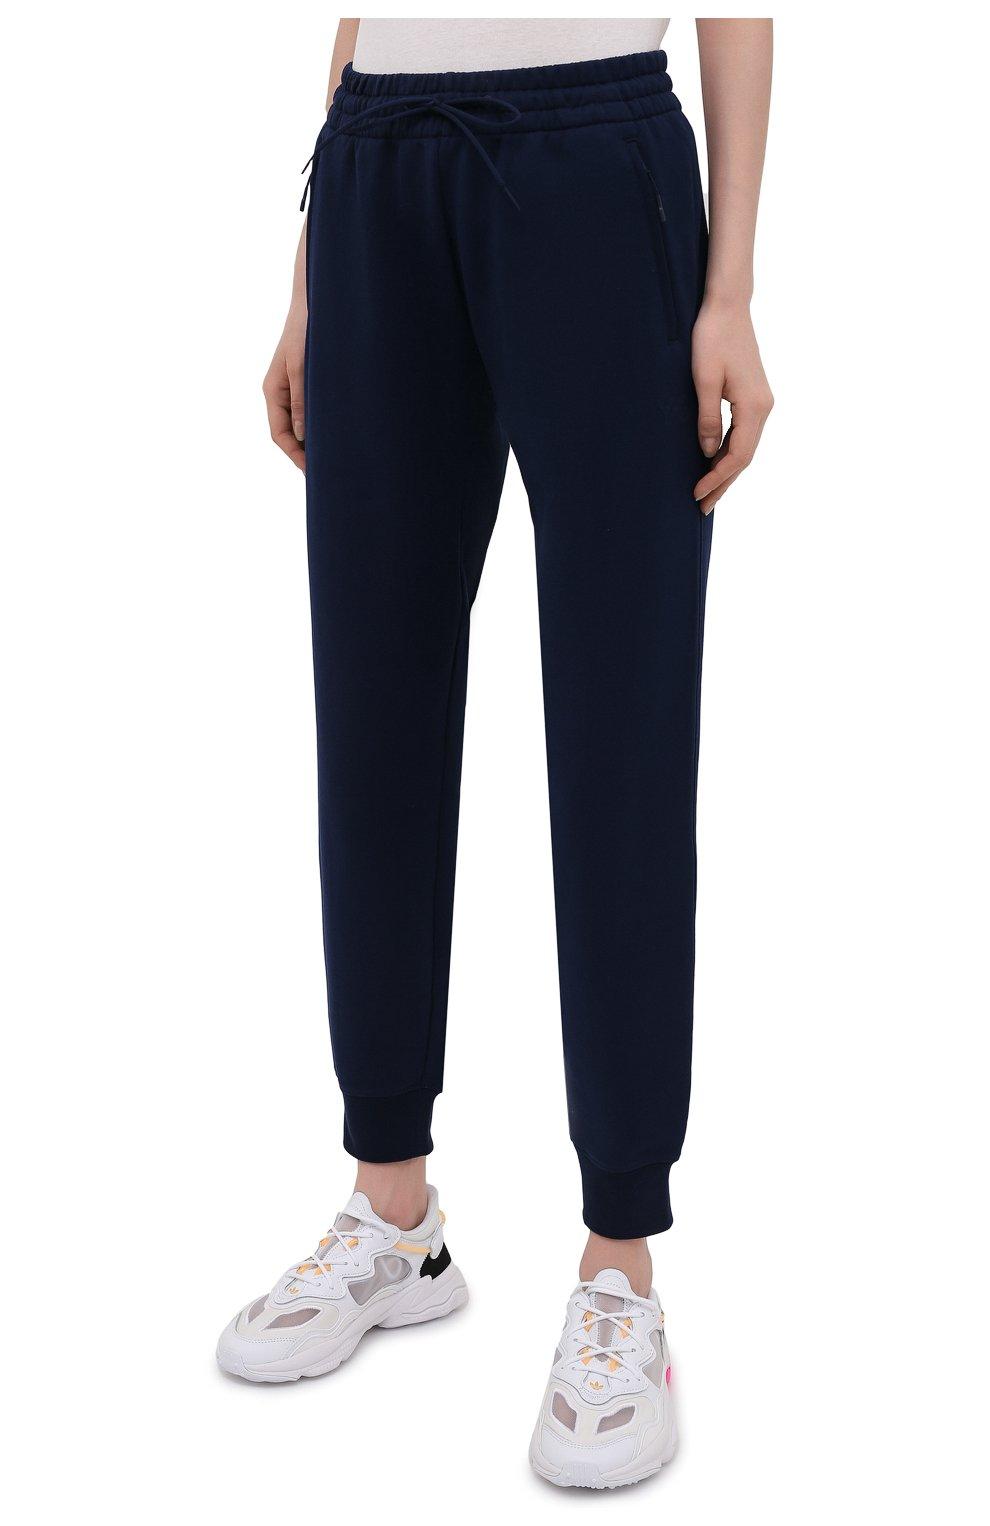 Женские хлопковые джоггеры Y-3 темно-синего цвета, арт. GV2787/W | Фото 3 (Женское Кросс-КТ: Брюки-спорт, Джоггеры - брюки; Длина (брюки, джинсы): Стандартные; Силуэт Ж (брюки и джинсы): Джоггеры; Кросс-КТ: Трикотаж; Материал внешний: Хлопок; Стили: Спорт-шик)